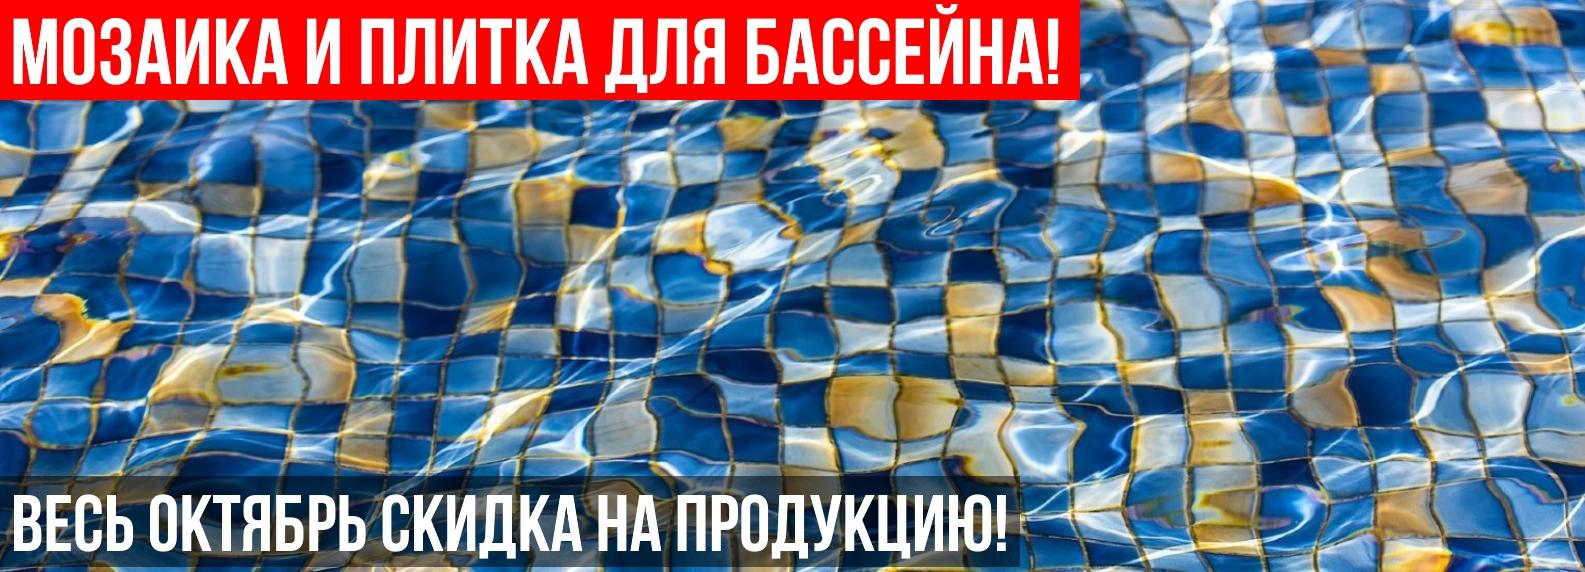 Мозаика и плитка для бассейна!